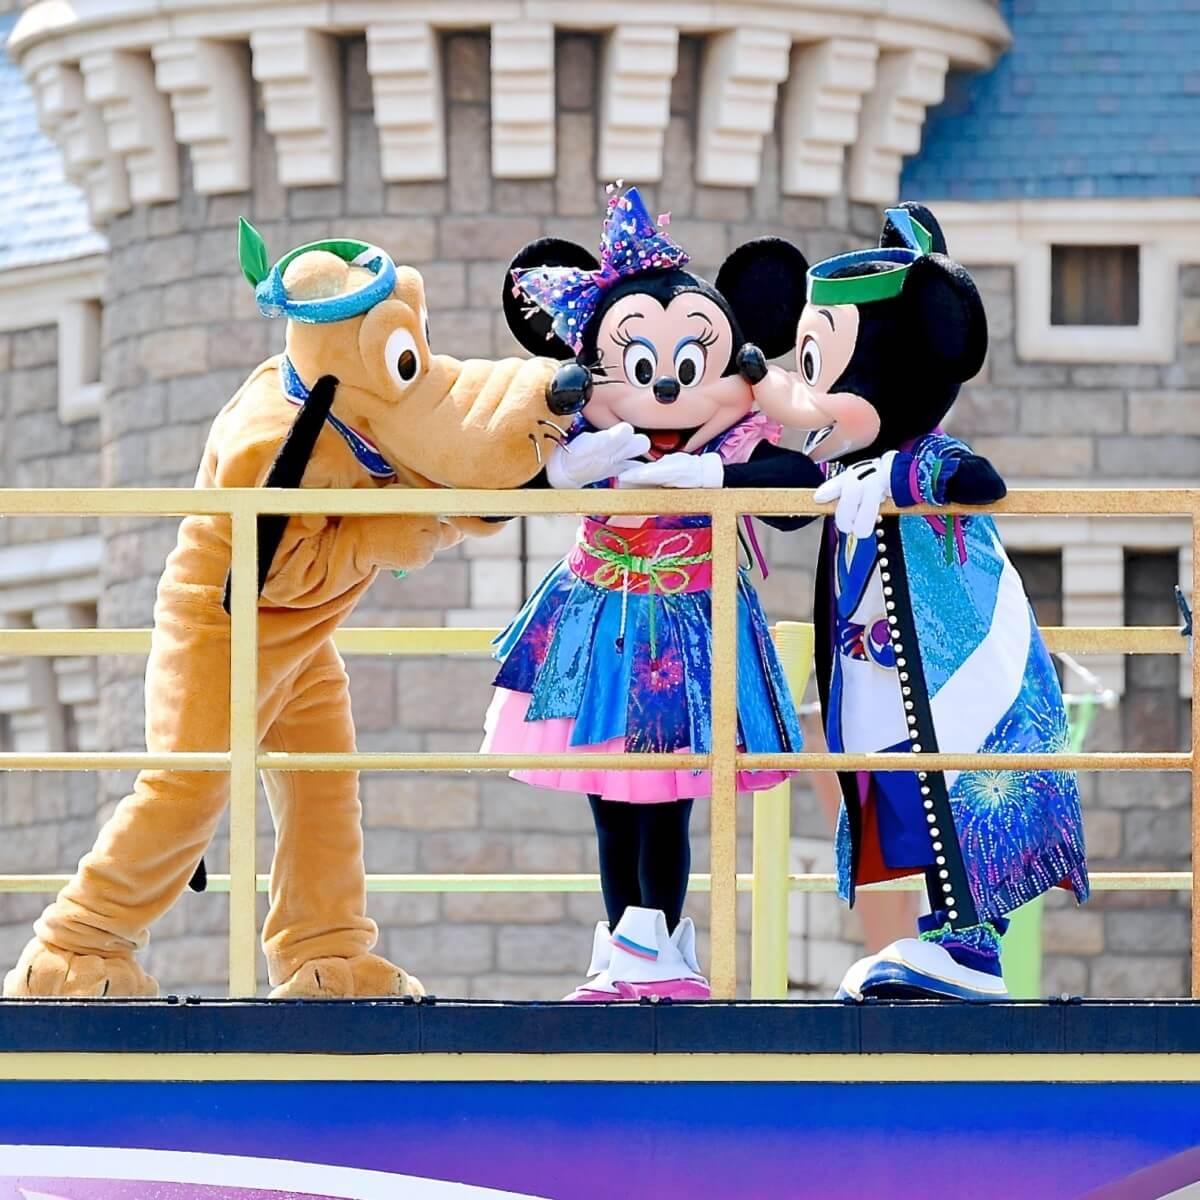 東京ディズニーランド\u201cディズニー夏祭り2018\u201d概要